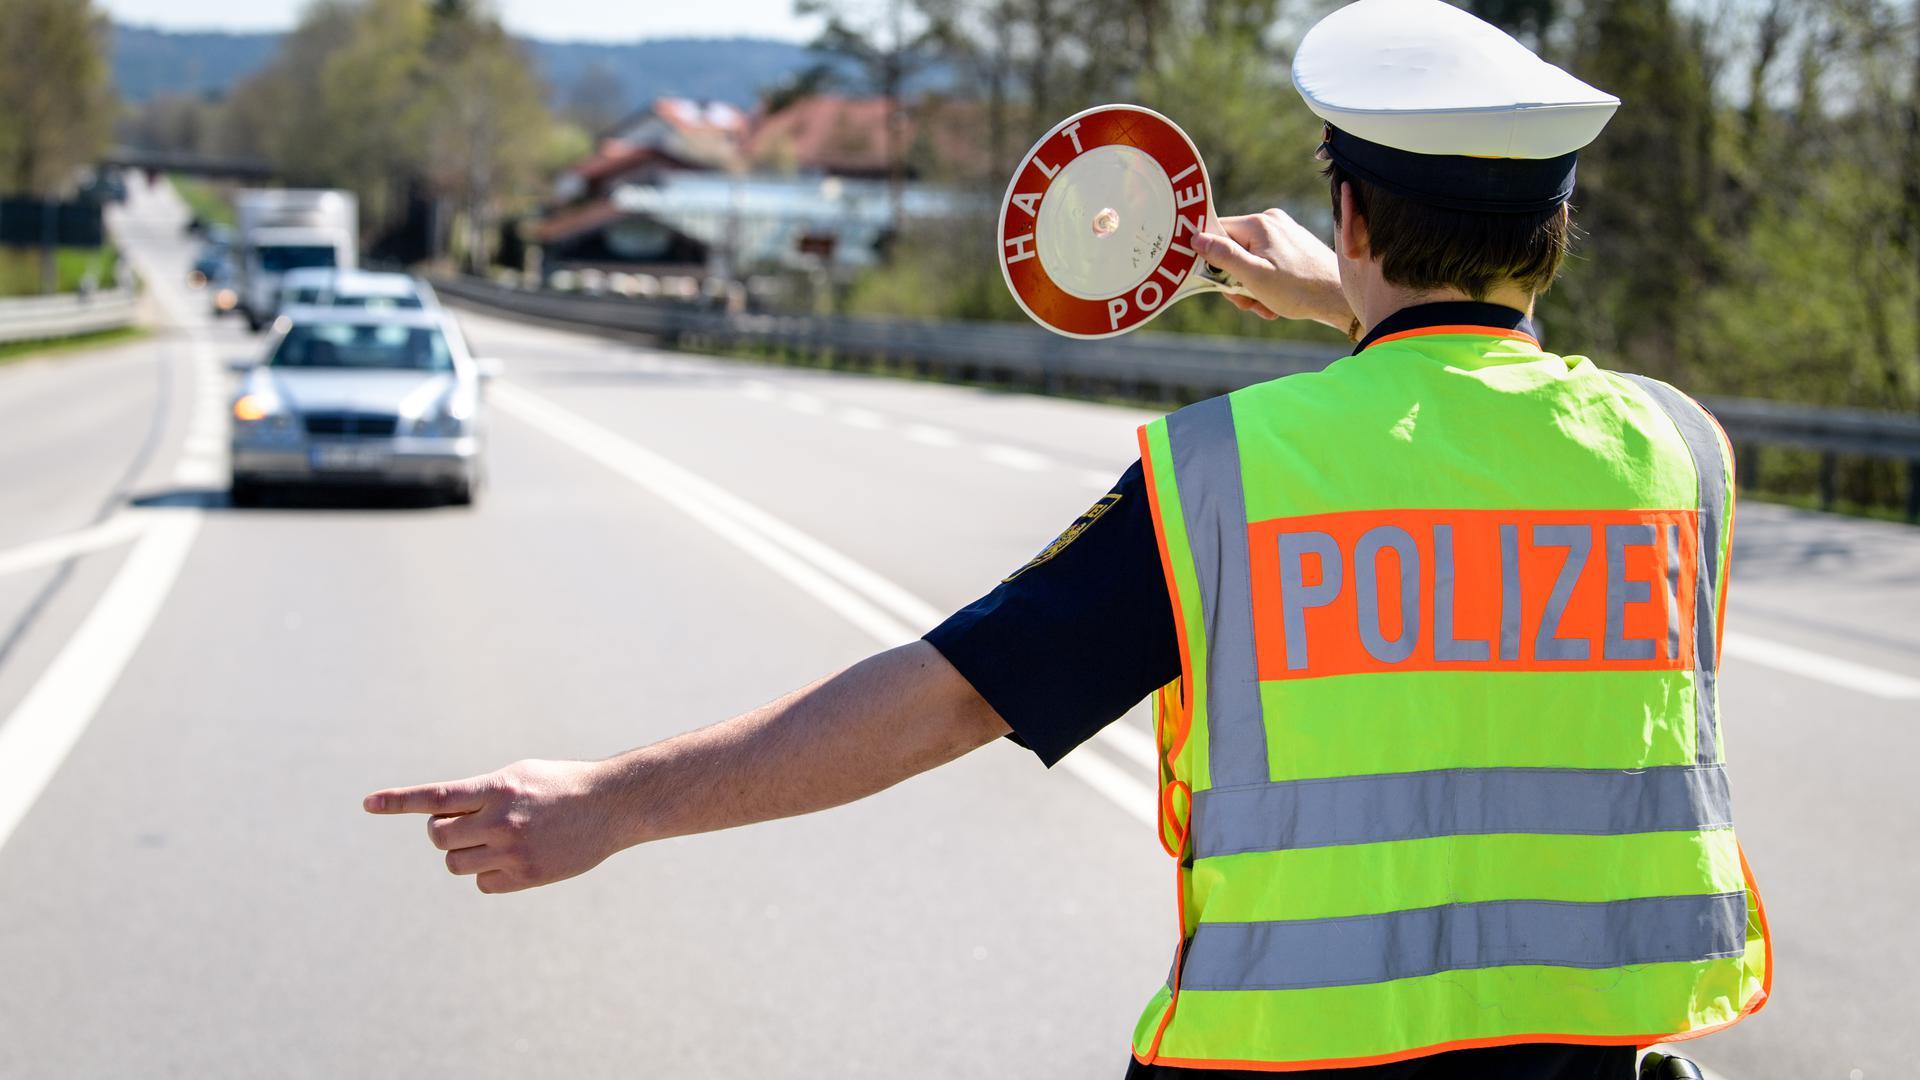 18.04.2018, Bayern, Wolfratshausen: Ein Polizist winkt ein Fahrzeug von der Bundesstraße zu einer Kontrollstelle der Polizei auf den Standstreifen. In mehreren Bundesländern führt die Polizei an diesem Tag beim Blitzmarathon über 24 Stunden vermehrt Geschwindigkeitskontrollen durch. Rund 1900 Polizisten werden bayernweit an 2000 Stellen die Geschwindigkeit messen und Raser aus dem Verkehr ziehen. Foto: Matthias Balk/dpa ++ +++ dpa-Bildfunk +++